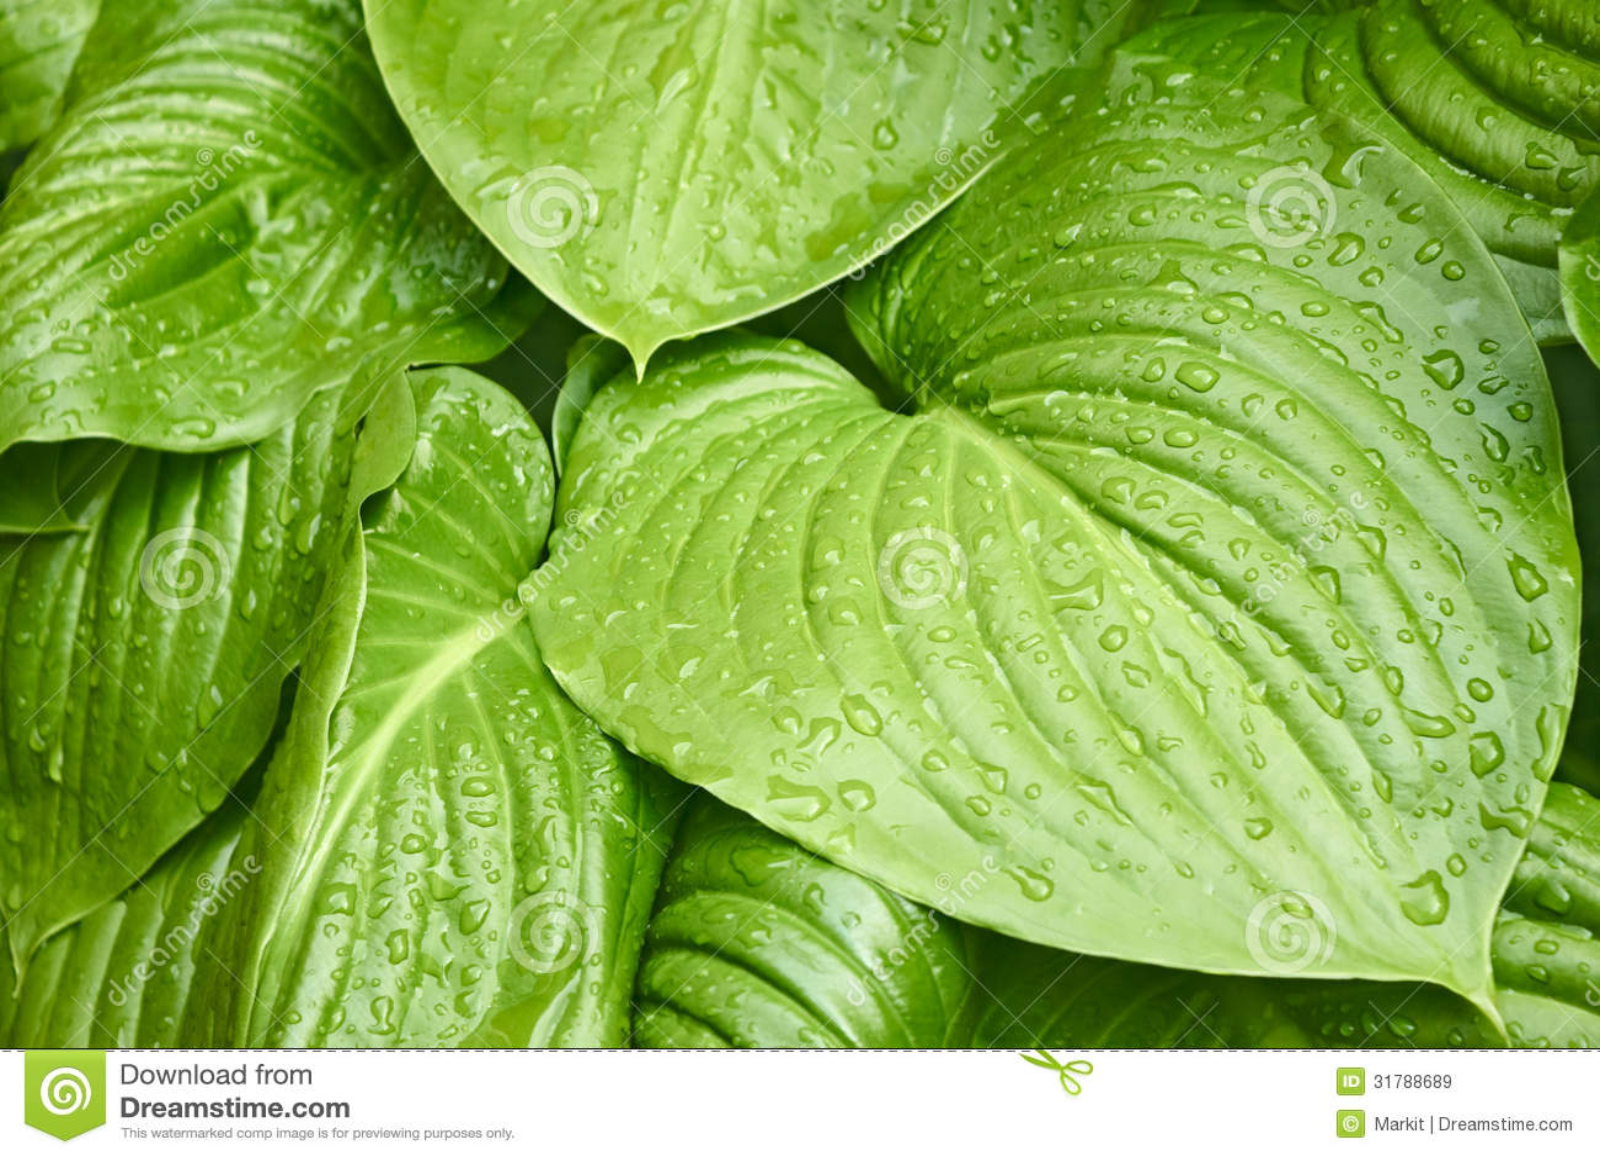 Gro e bl tter von hosta mit wassertropfen lizenzfreie for Design von zierpflanzen